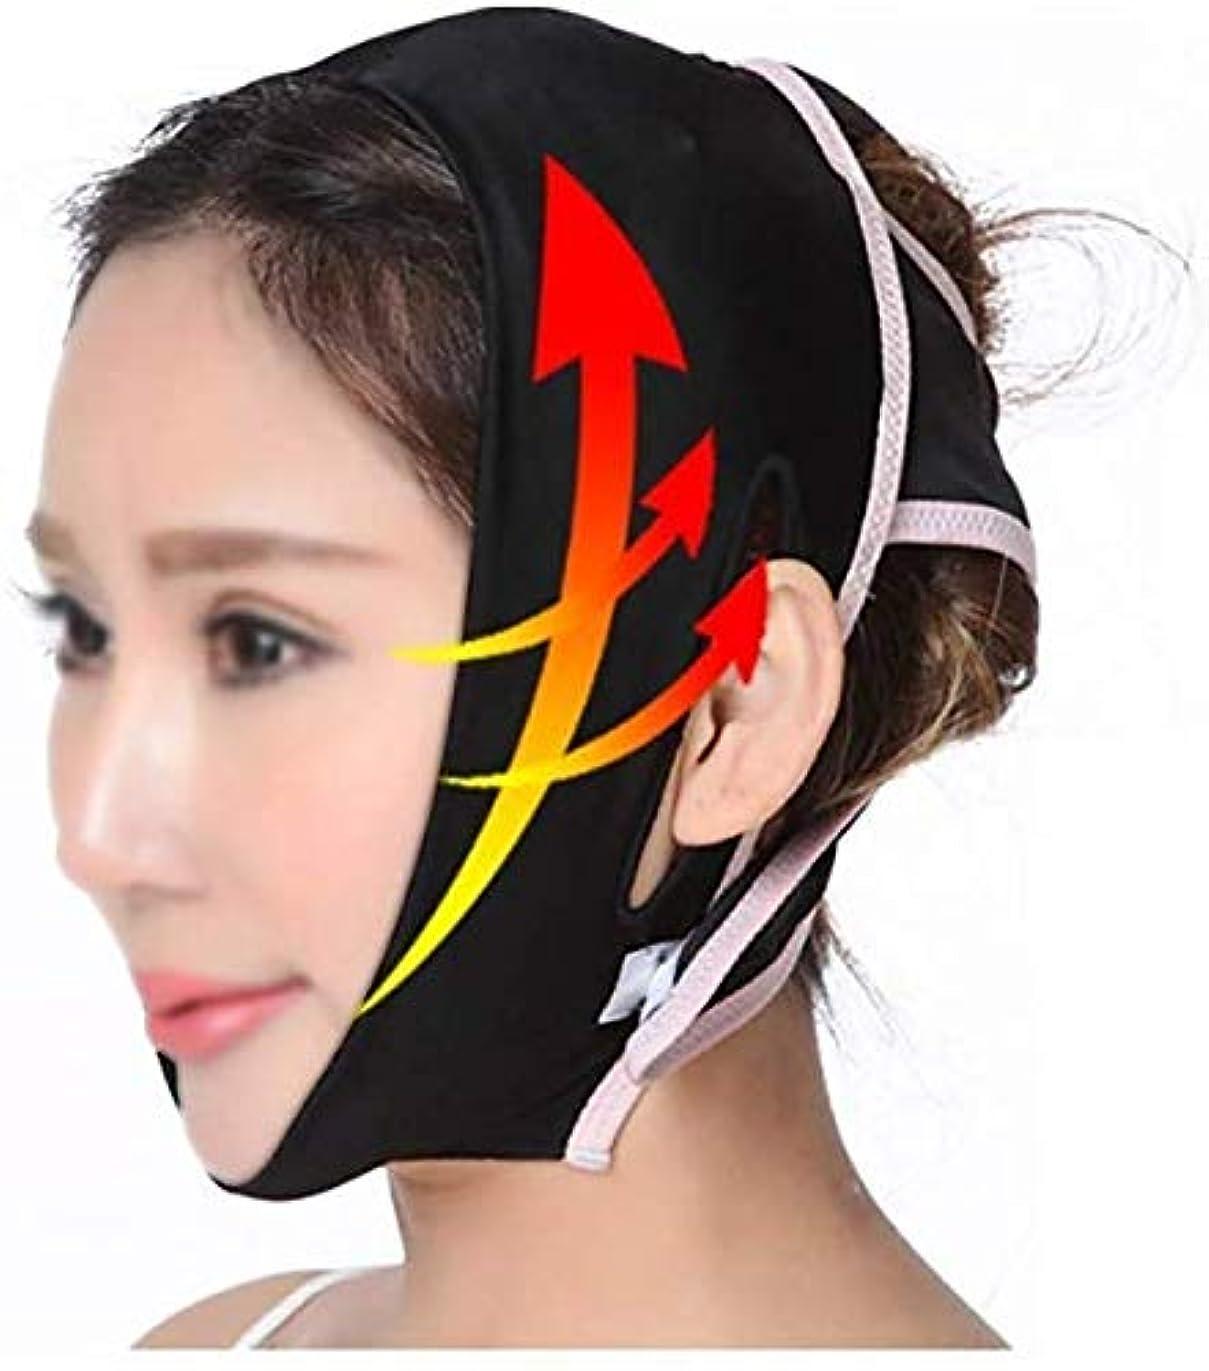 気がついてビタミン語美容と実用的なフェイスリフトマスク、フェイシャルマスクスリープフェイスシェーピングフェイスバンデージフェイシャルリフティングVフェイスフェイスアーティファクトリカバリー通気性ネックストラップ(サイズ:L)